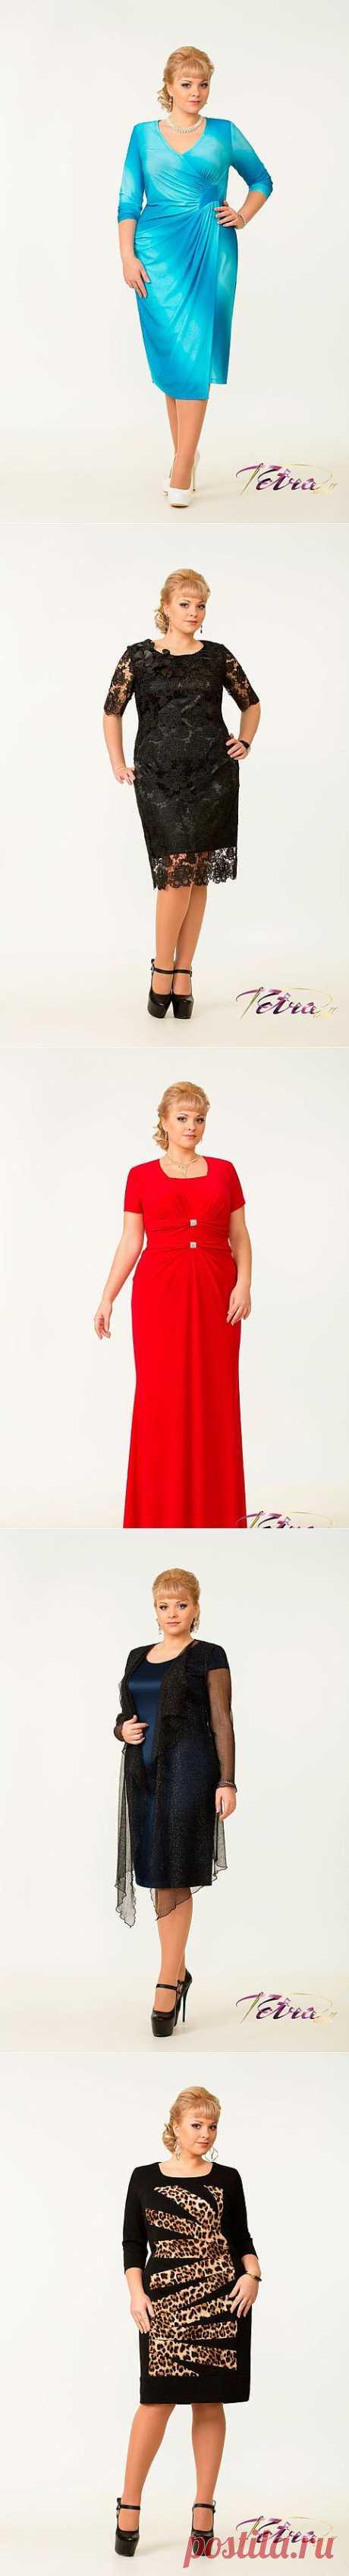 Нарядные платья для полных женщин белорусской фирмы Tetra bell. Зима 2014 - Полная модница